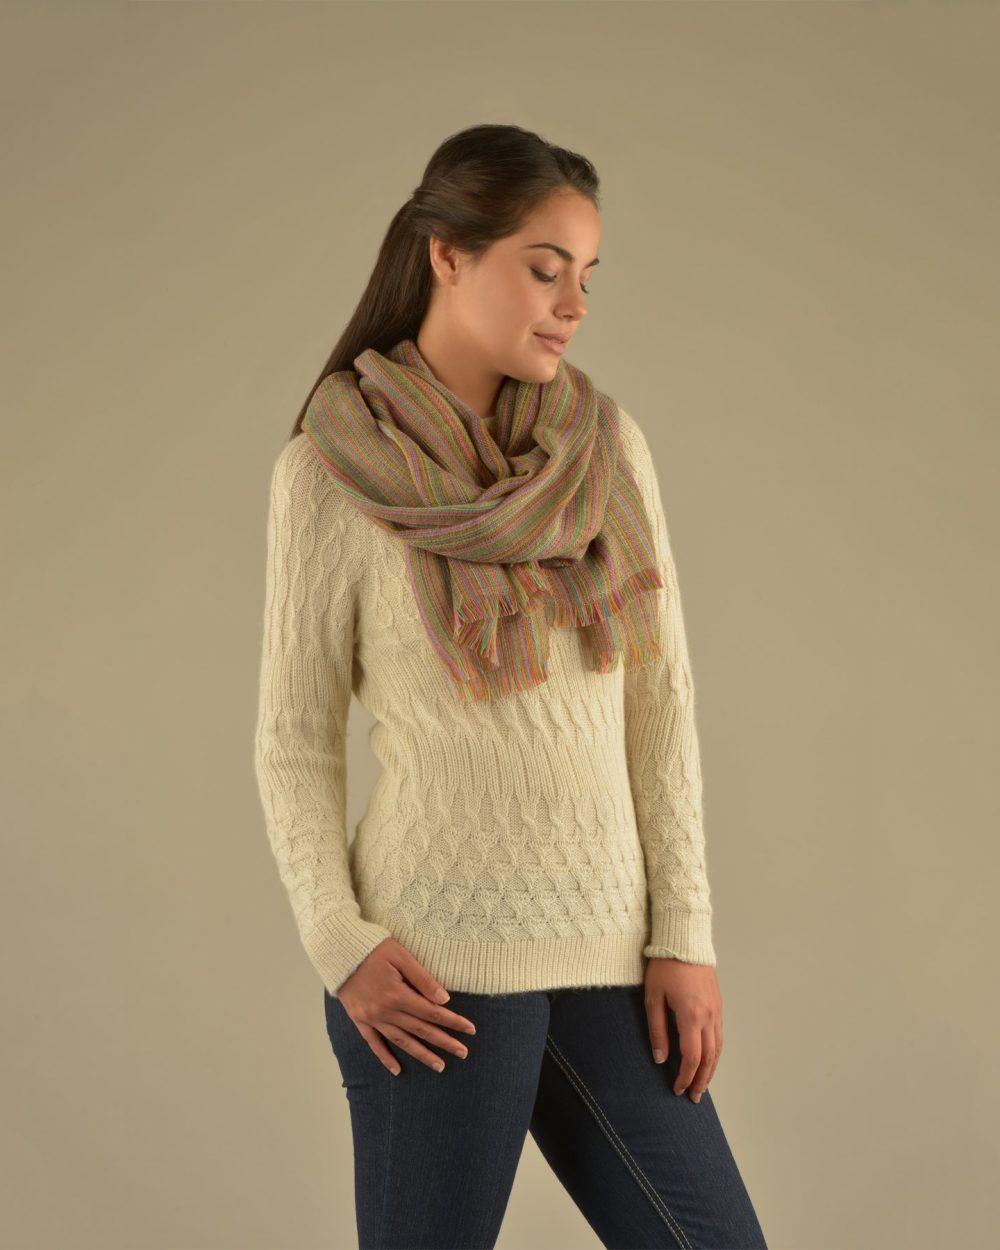 Châle CELEBRATION alpaga - écharpes, bonnets et pulls en alpaga. Fine Alpaca, fine laine et coton du Pérou, vêtements en fibres naturelles.